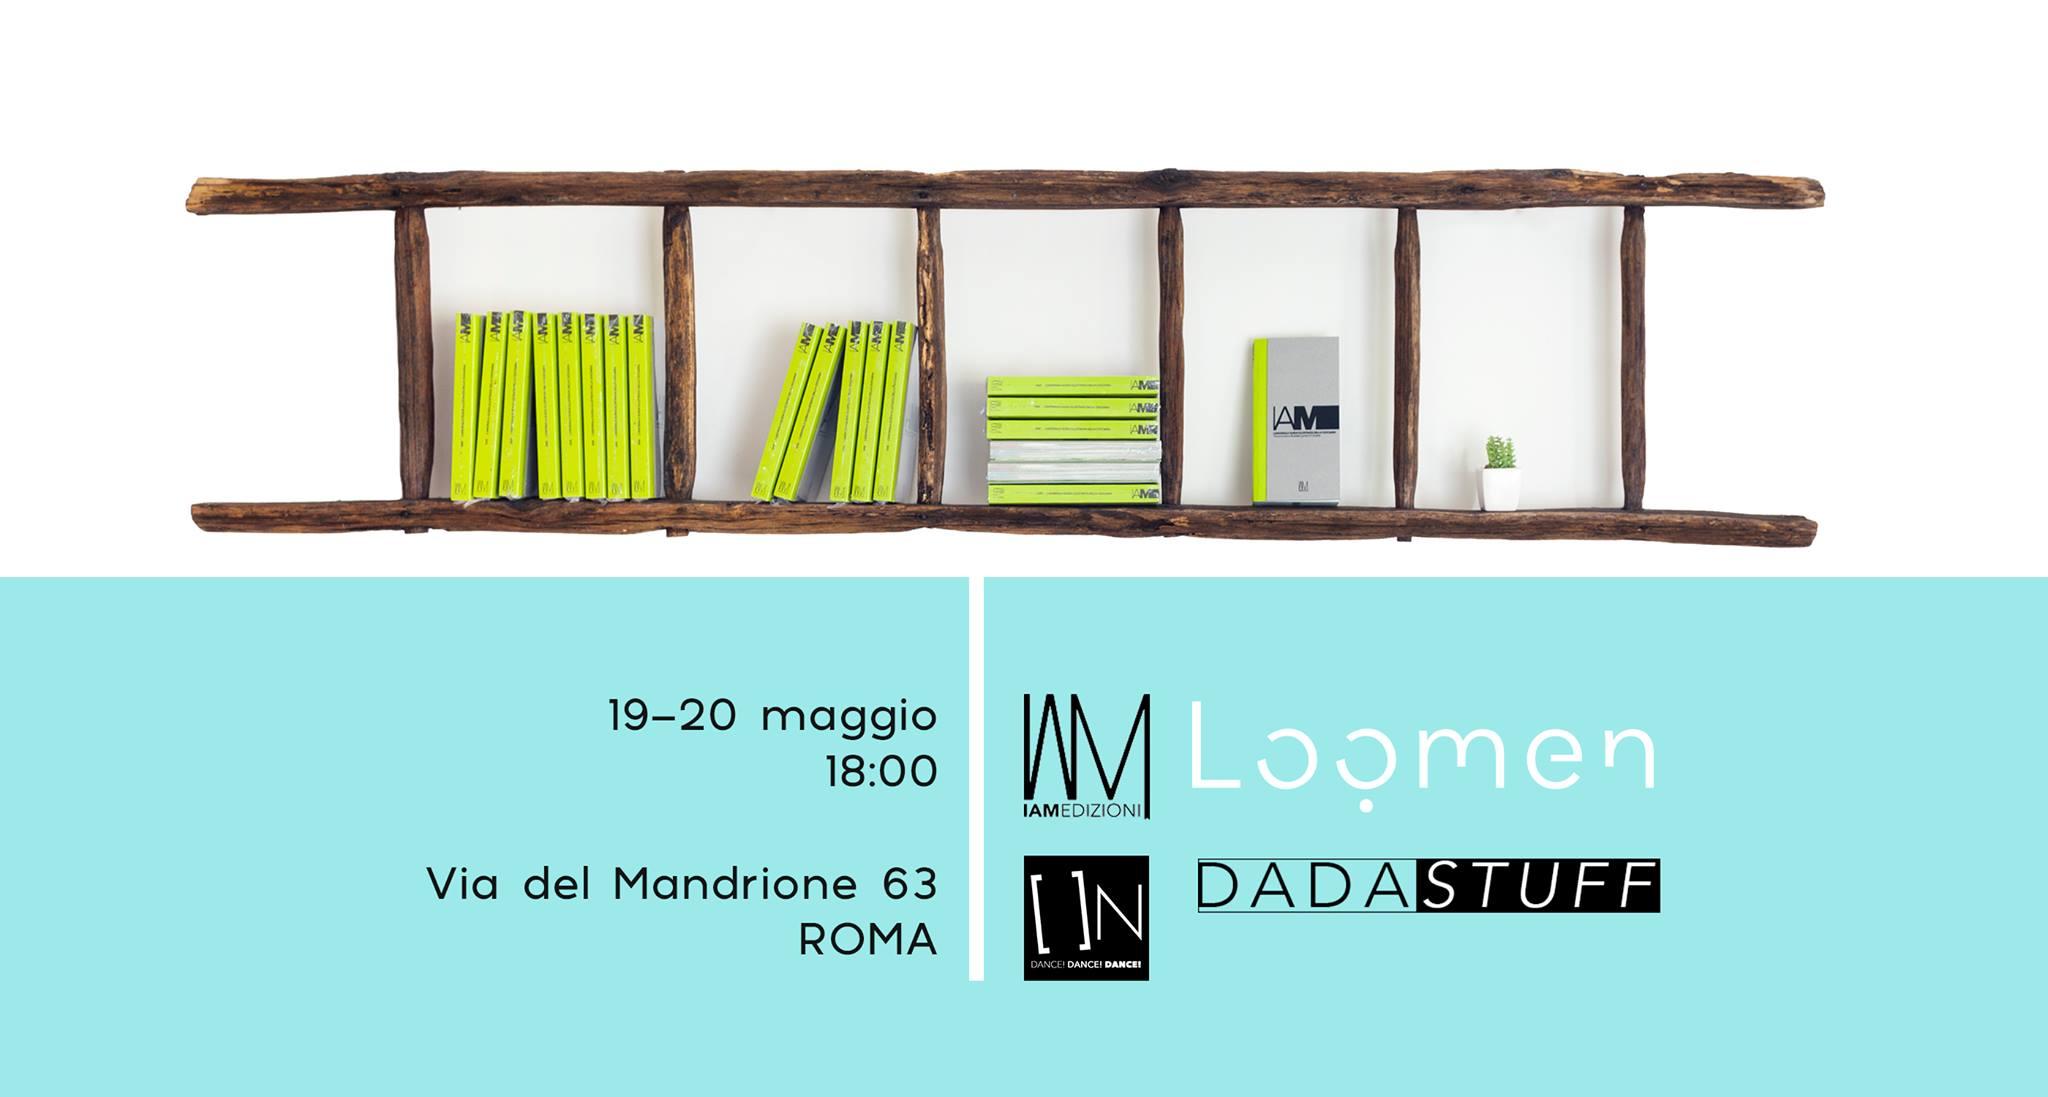 IAM - L'anomala guida illustrata della Ciociaria, Loomen Studio, Roma